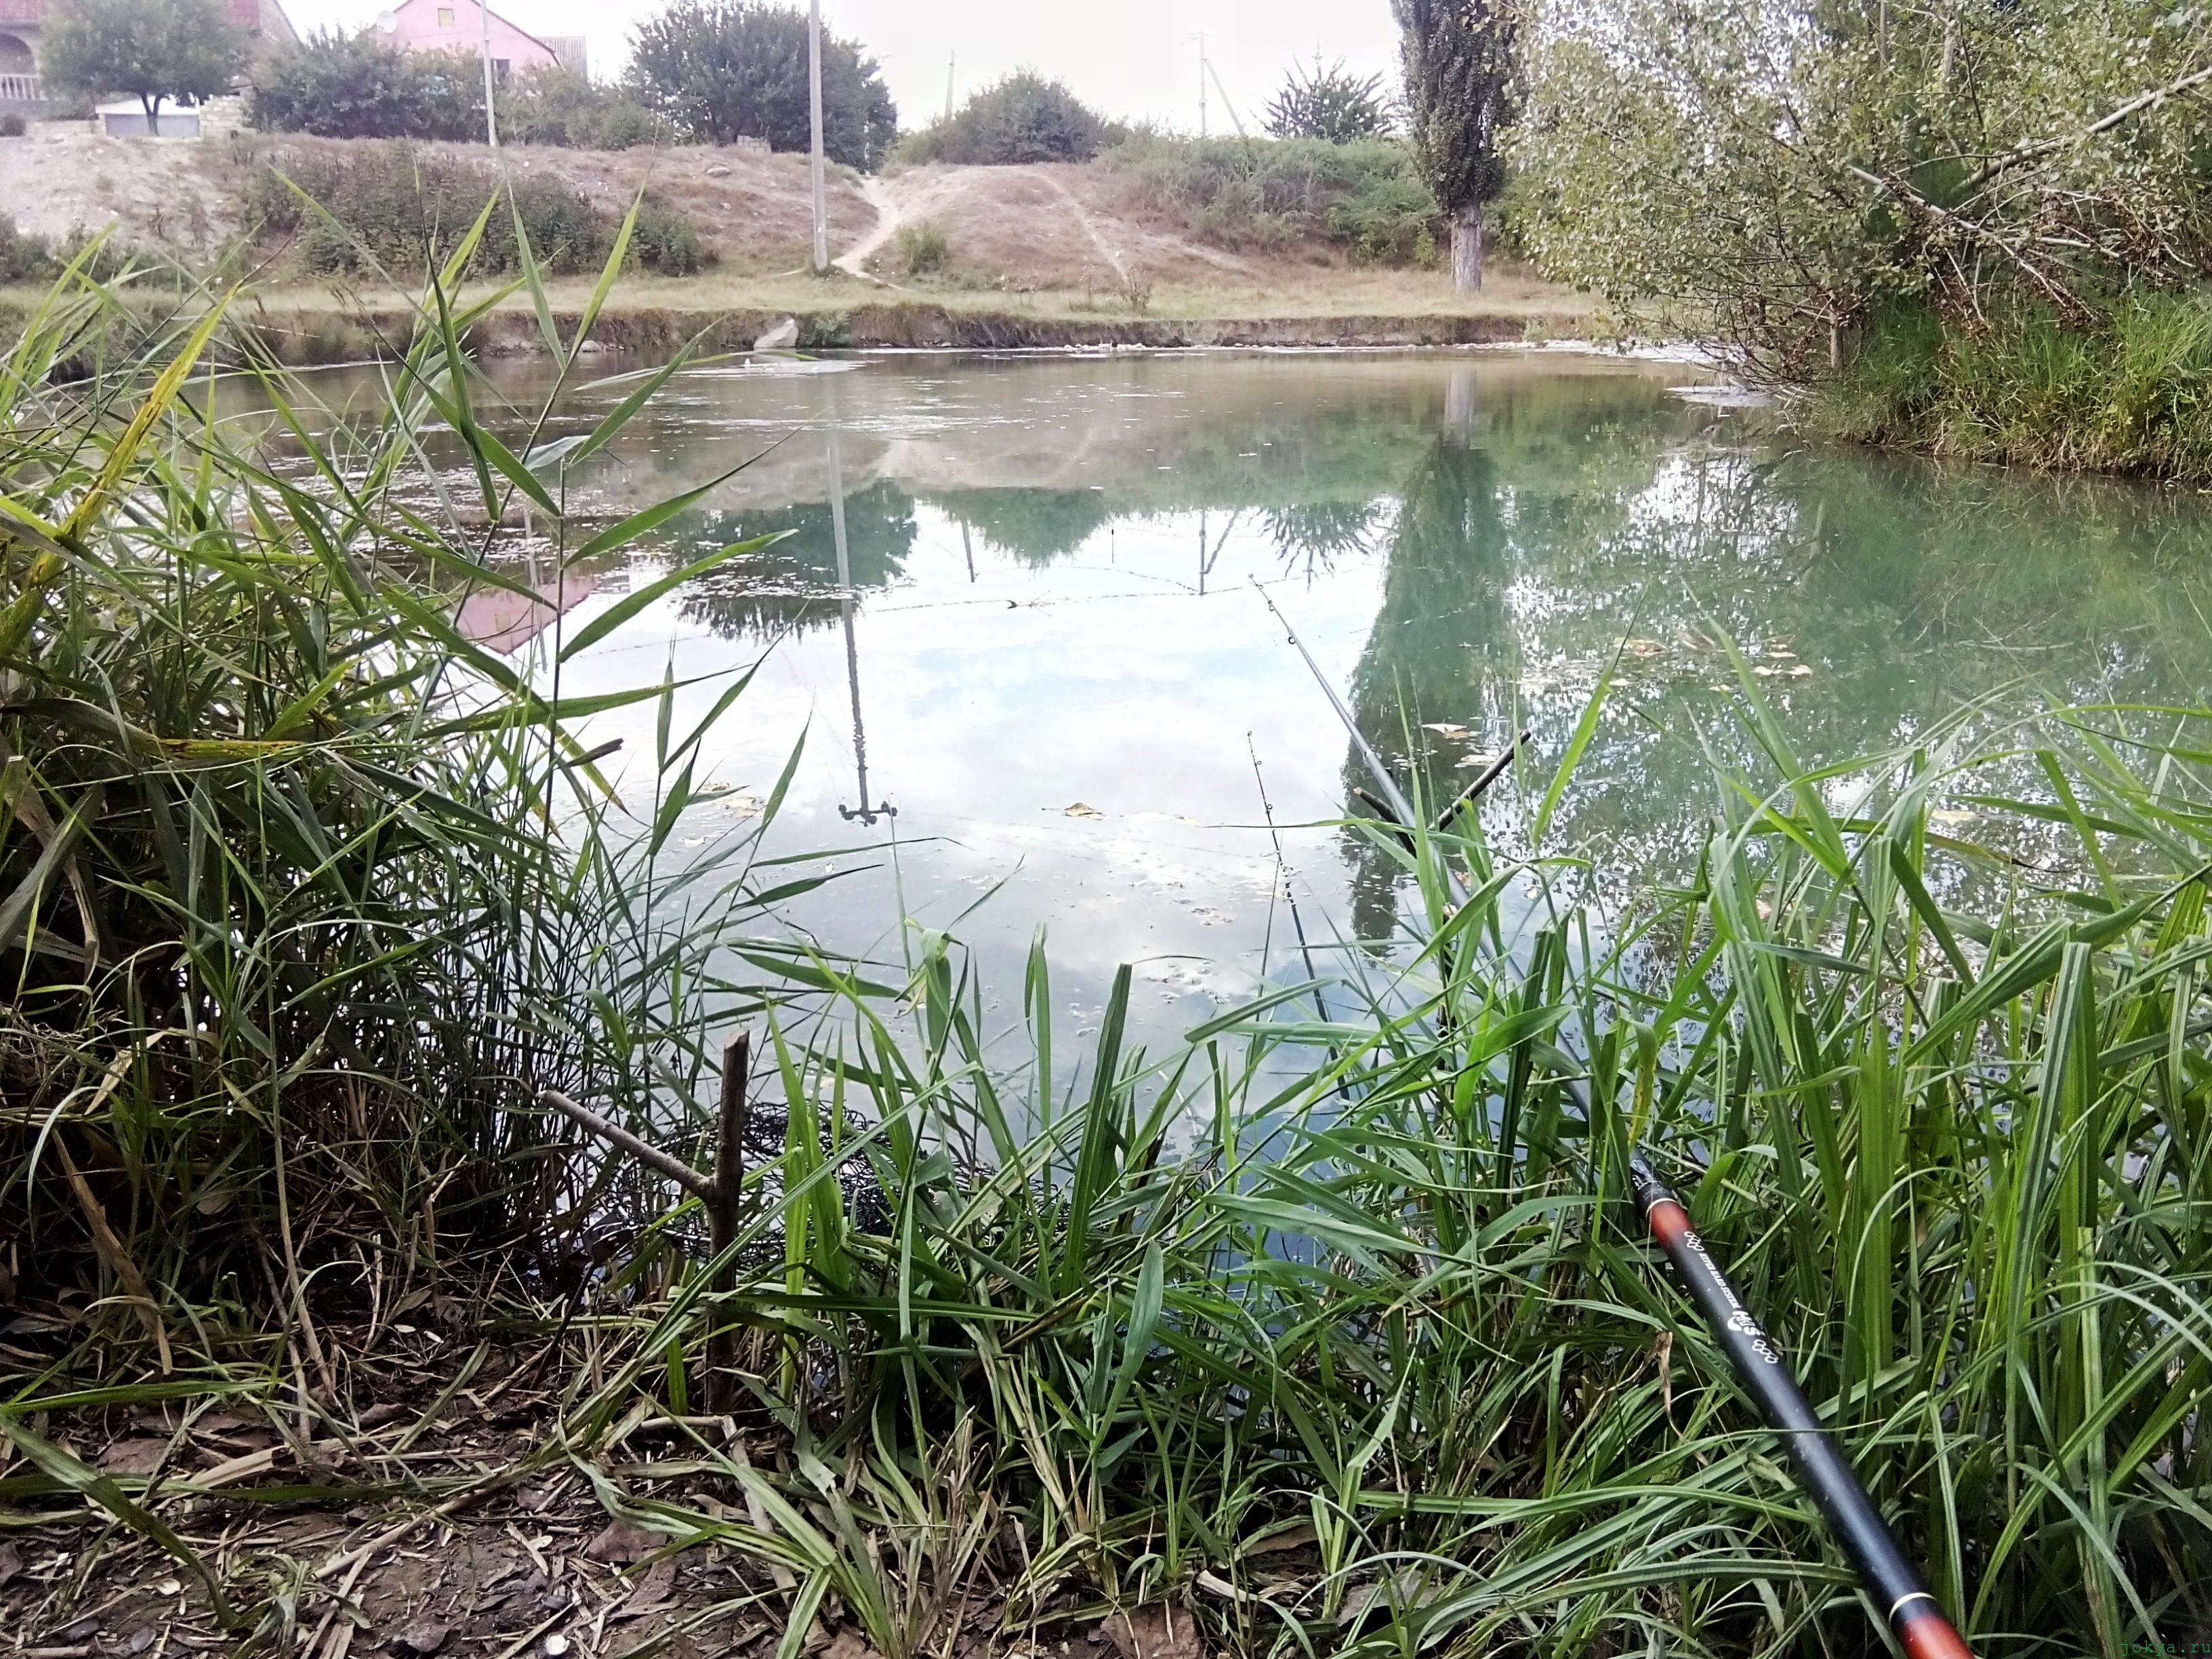 Прикорм для карася: ловля на речке на течении фото заметка о Крыме jokya.ru